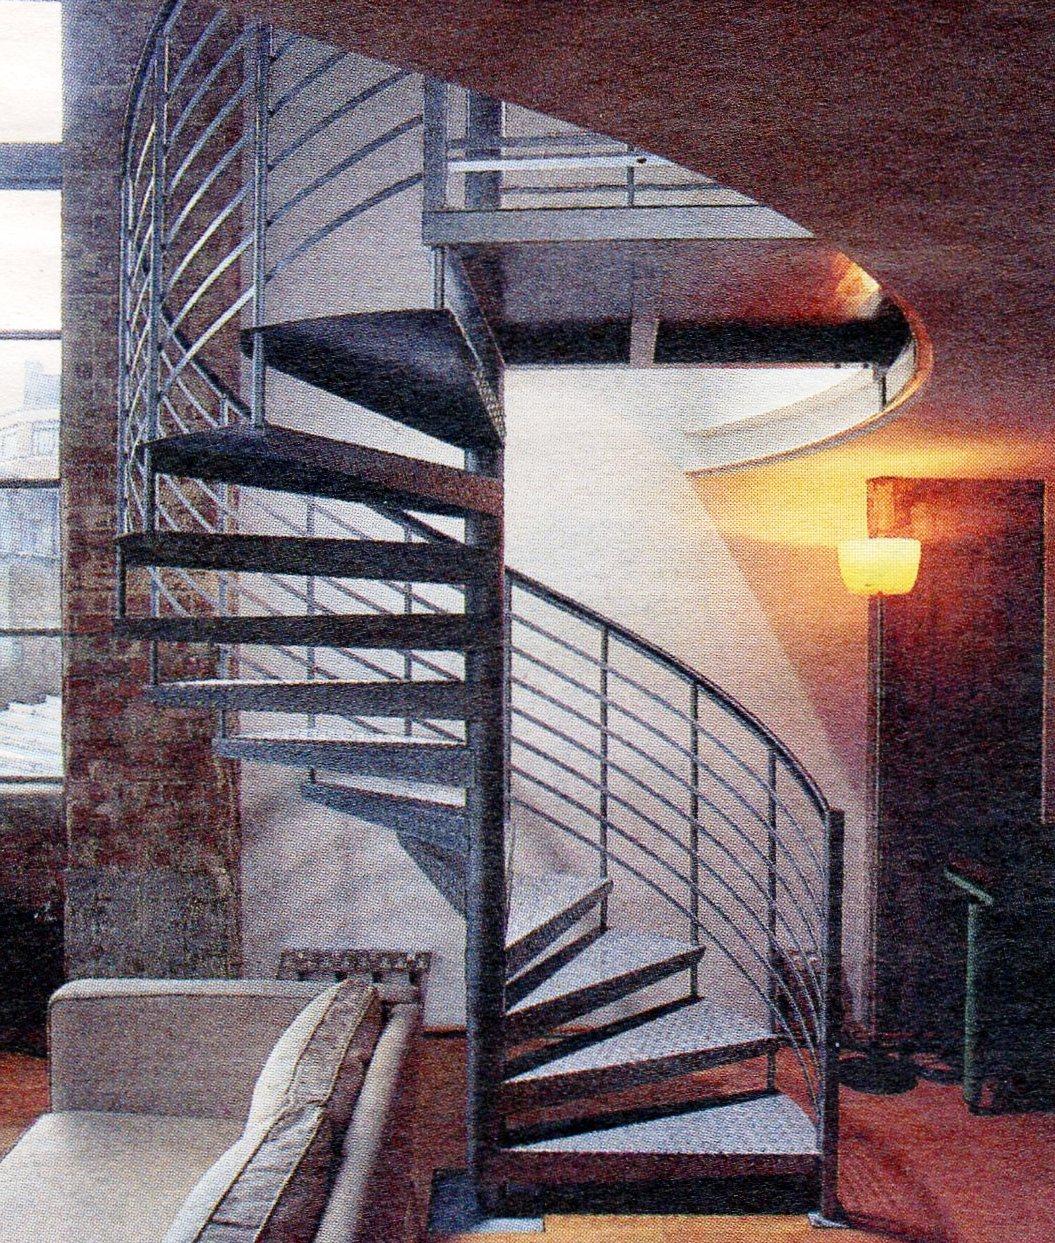 Eclectic european exterior staircase